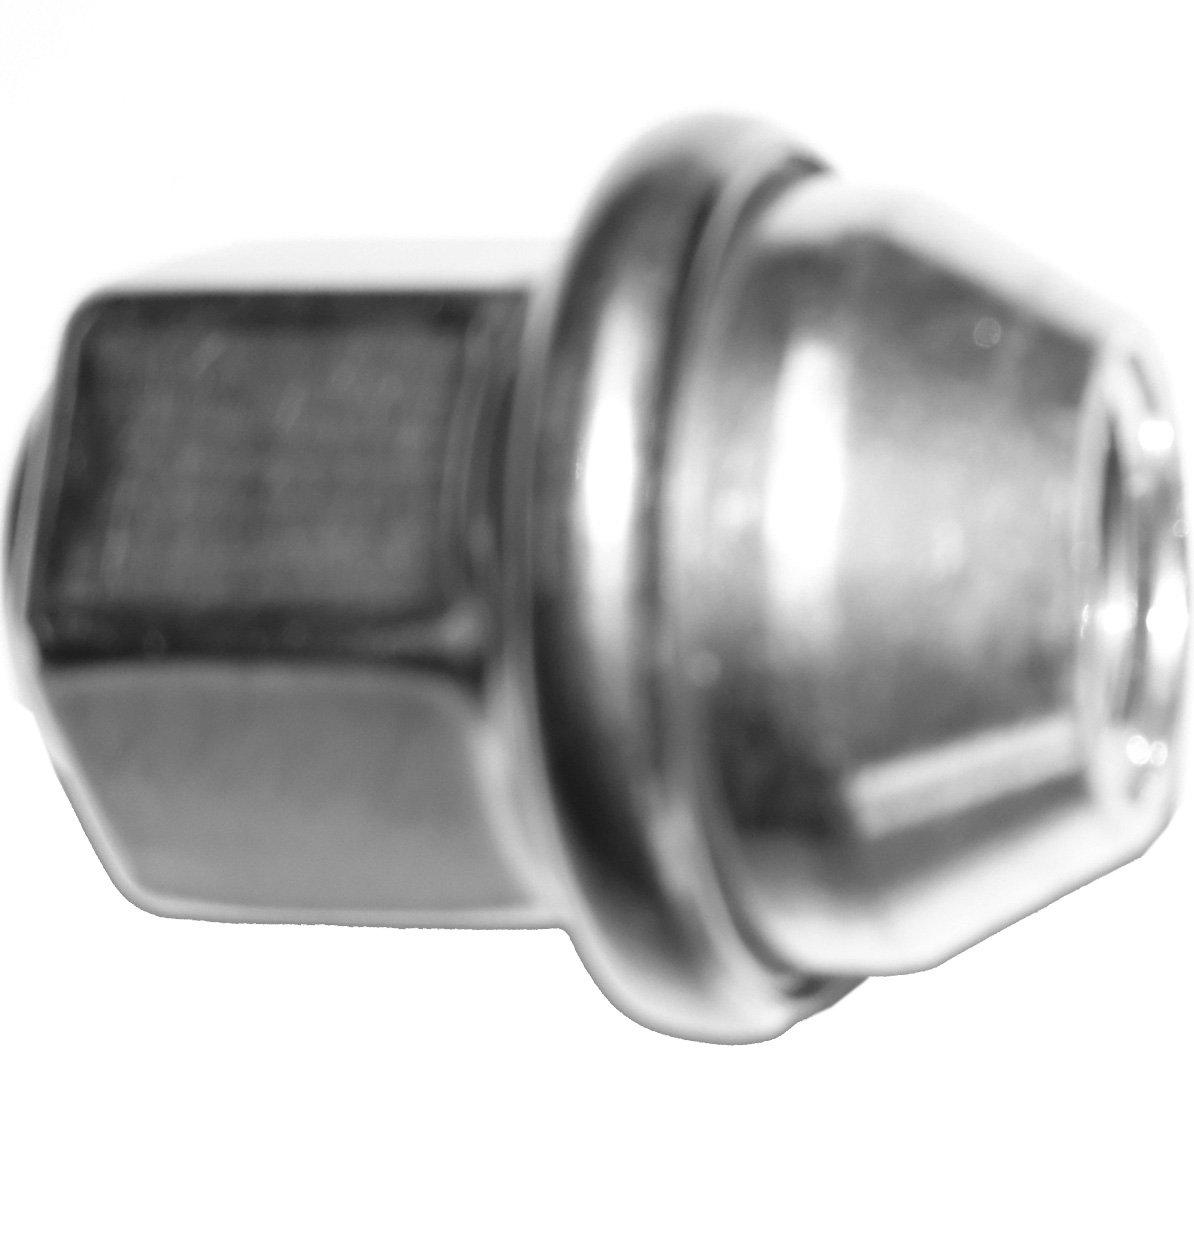 PTC 98215 Wheel Fastener, Box of 10